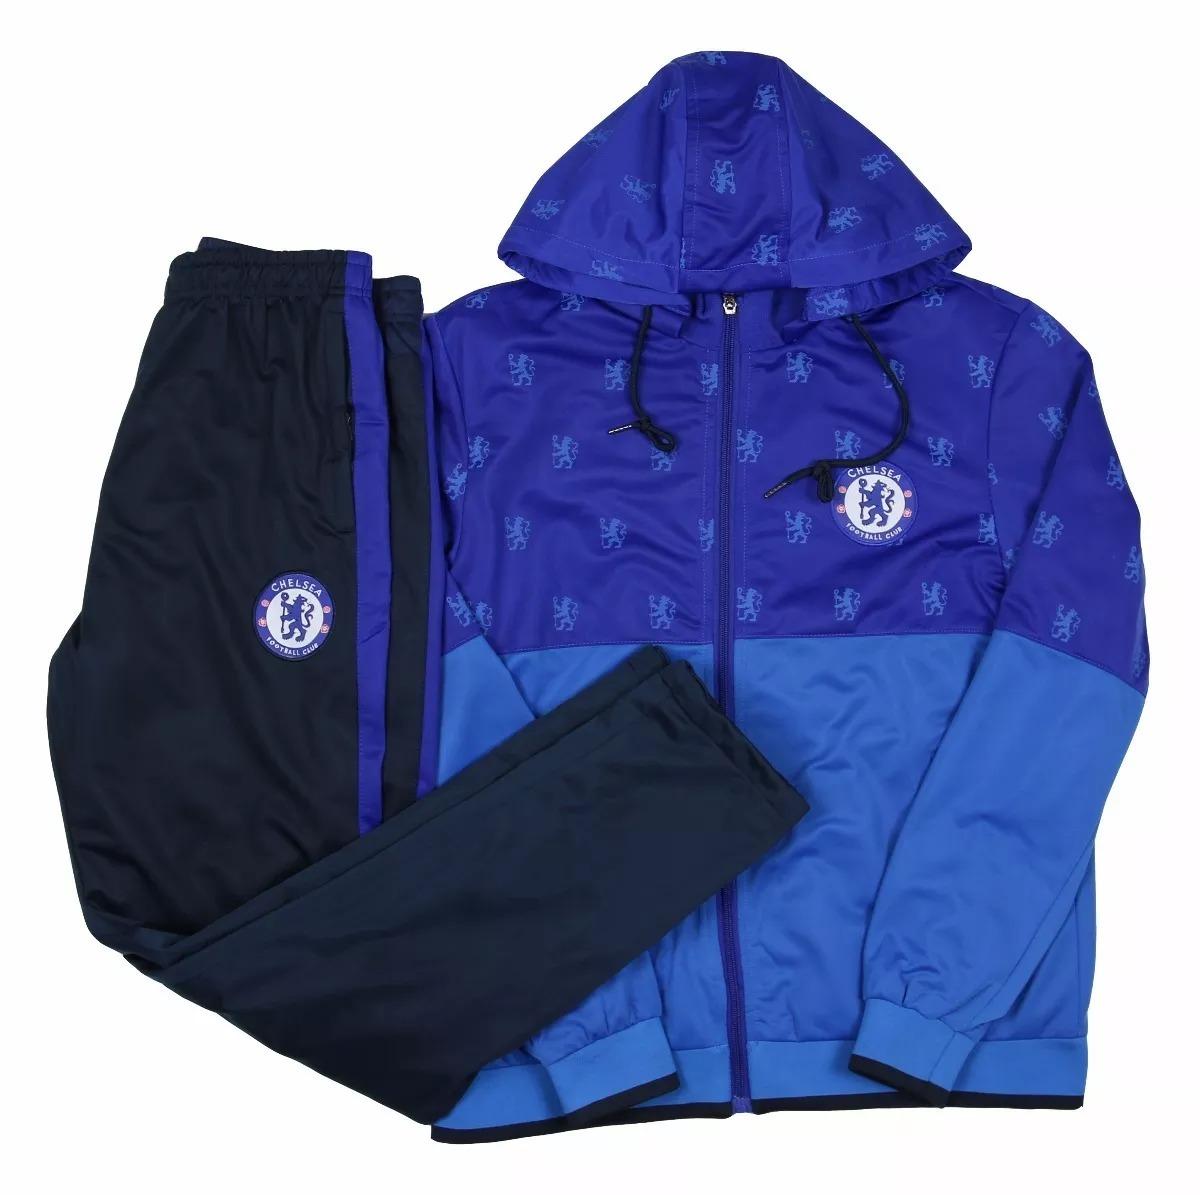 Agasalho Do Chelsea Conjunto Blusa Calça Time Futebol Frio - R  199 ... 12ddda7e82c97